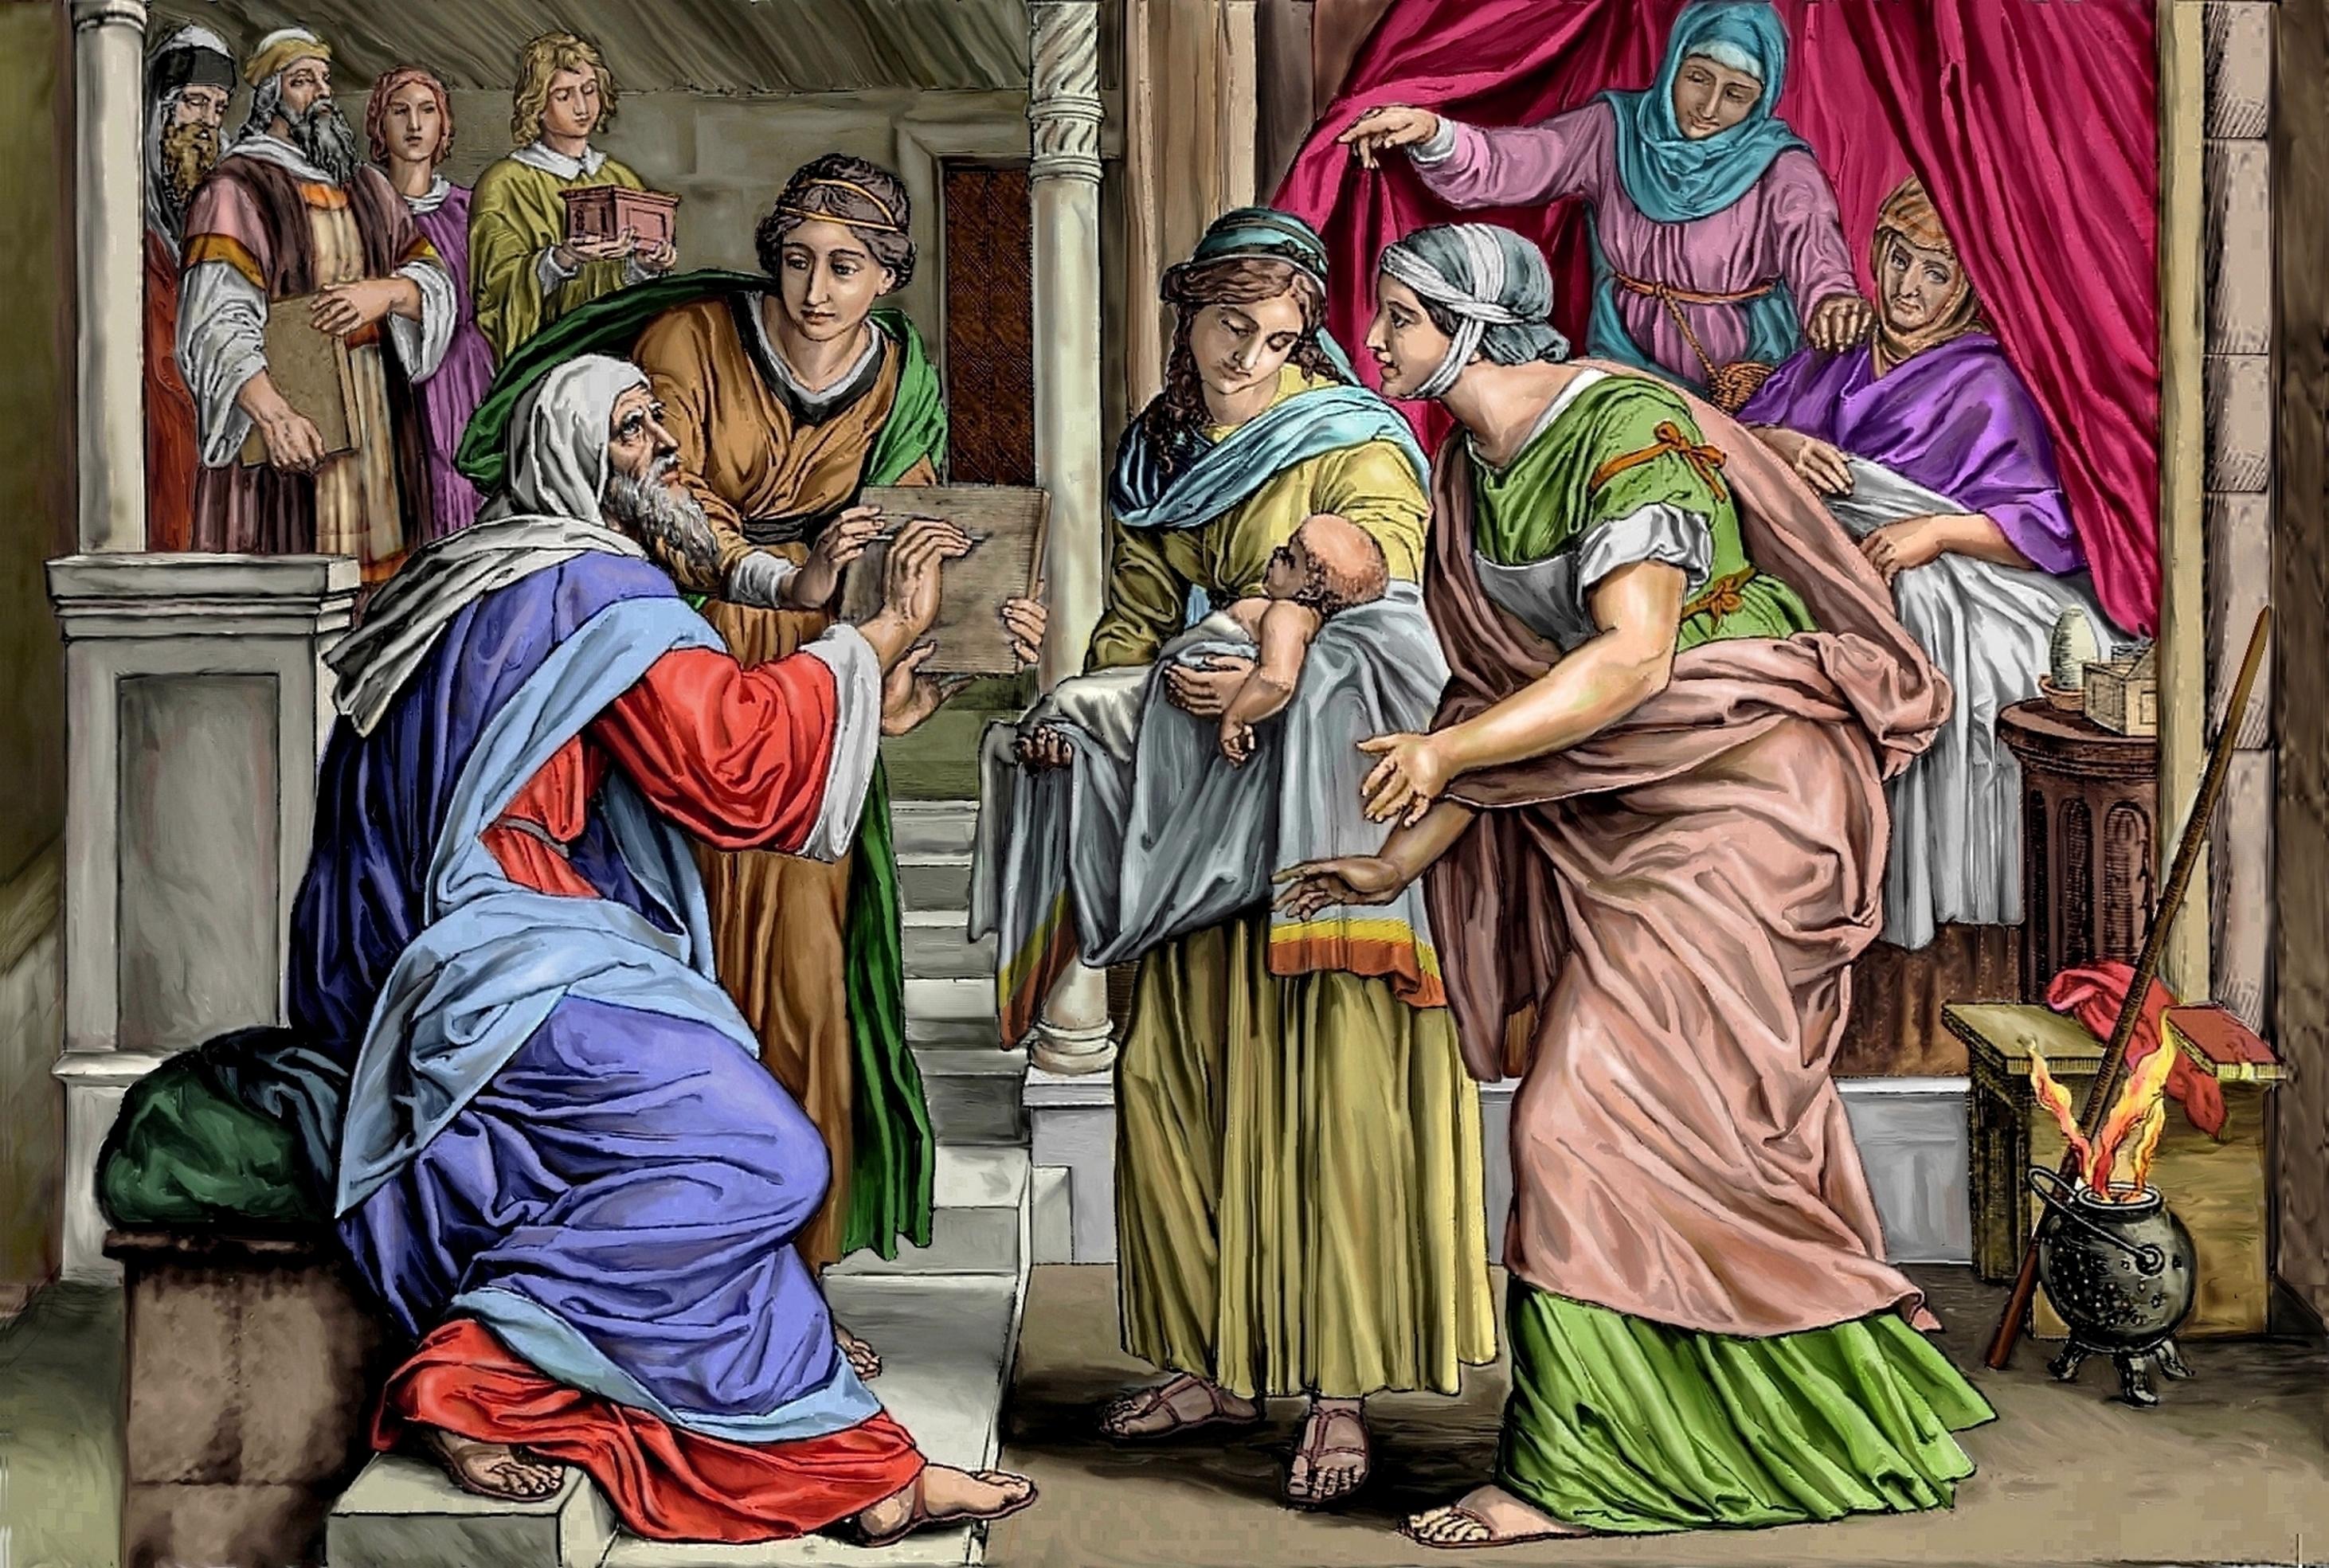 CALENDRIER CATHOLIQUE 2020 (Cantiques, Prières & Images) - Page 18 Naissance-de-st-j...baptiste-57802a9